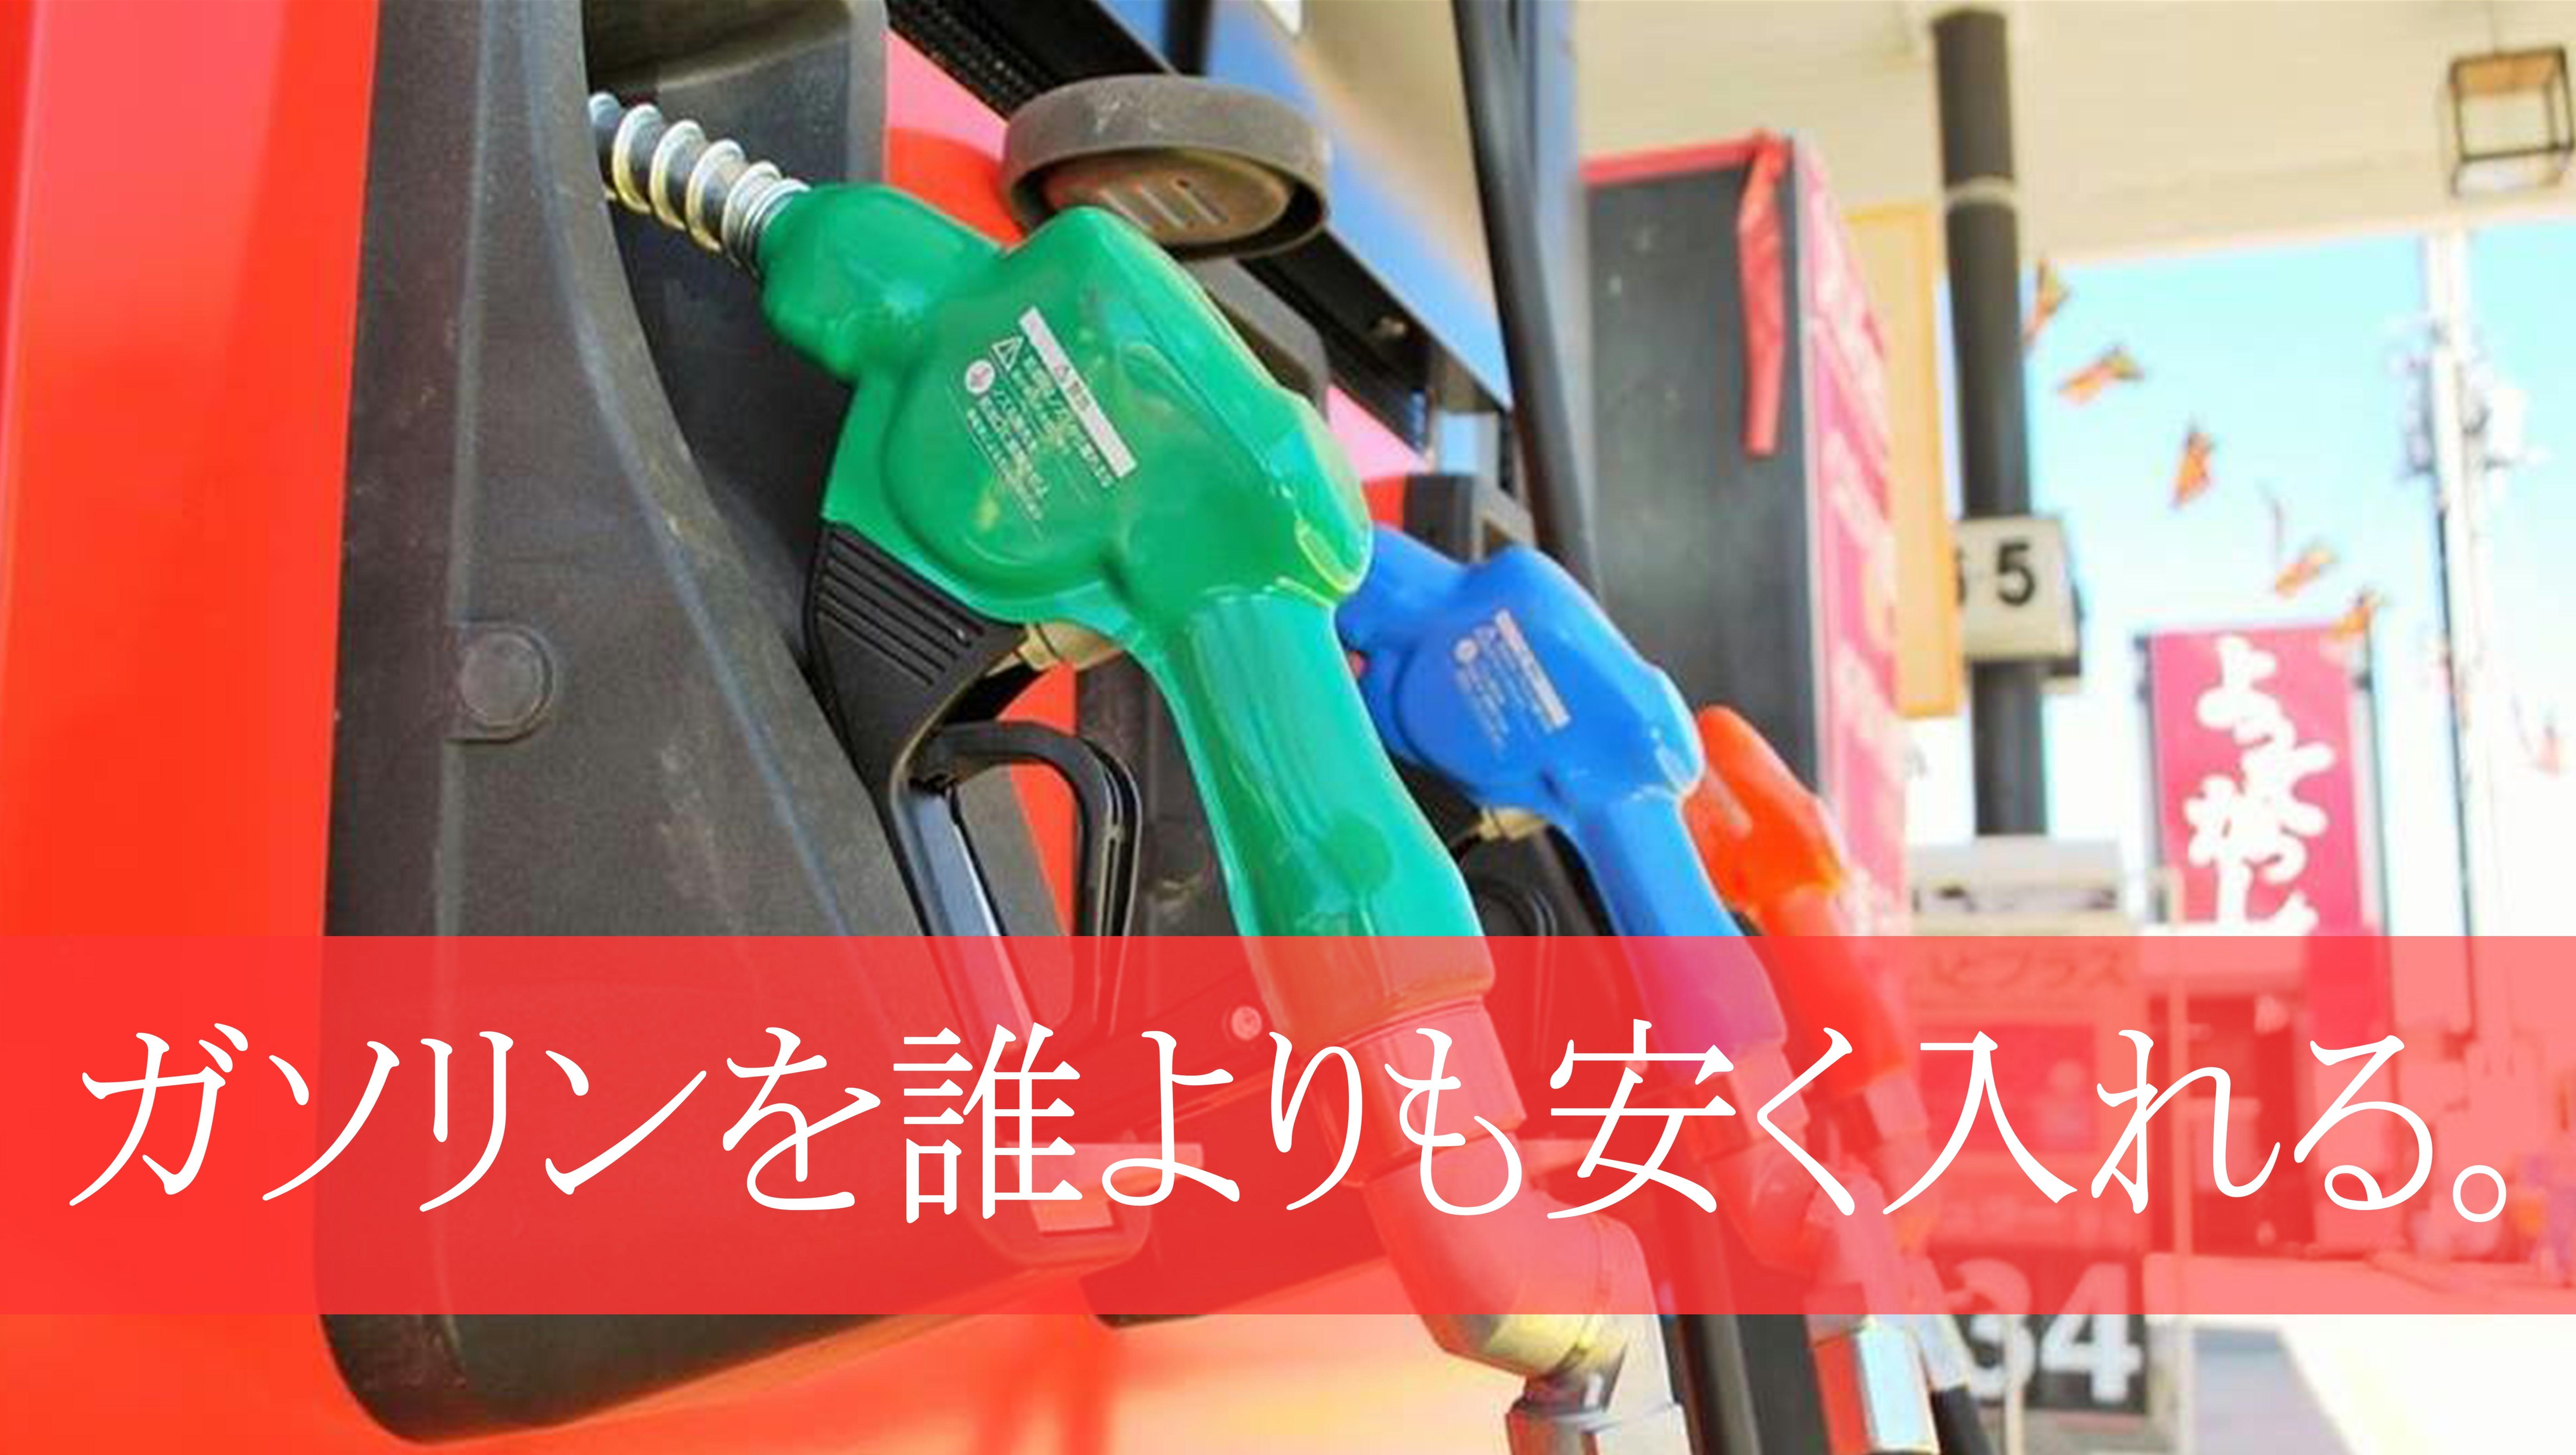 ガソリンを常に最安値で入れるための3つの方法